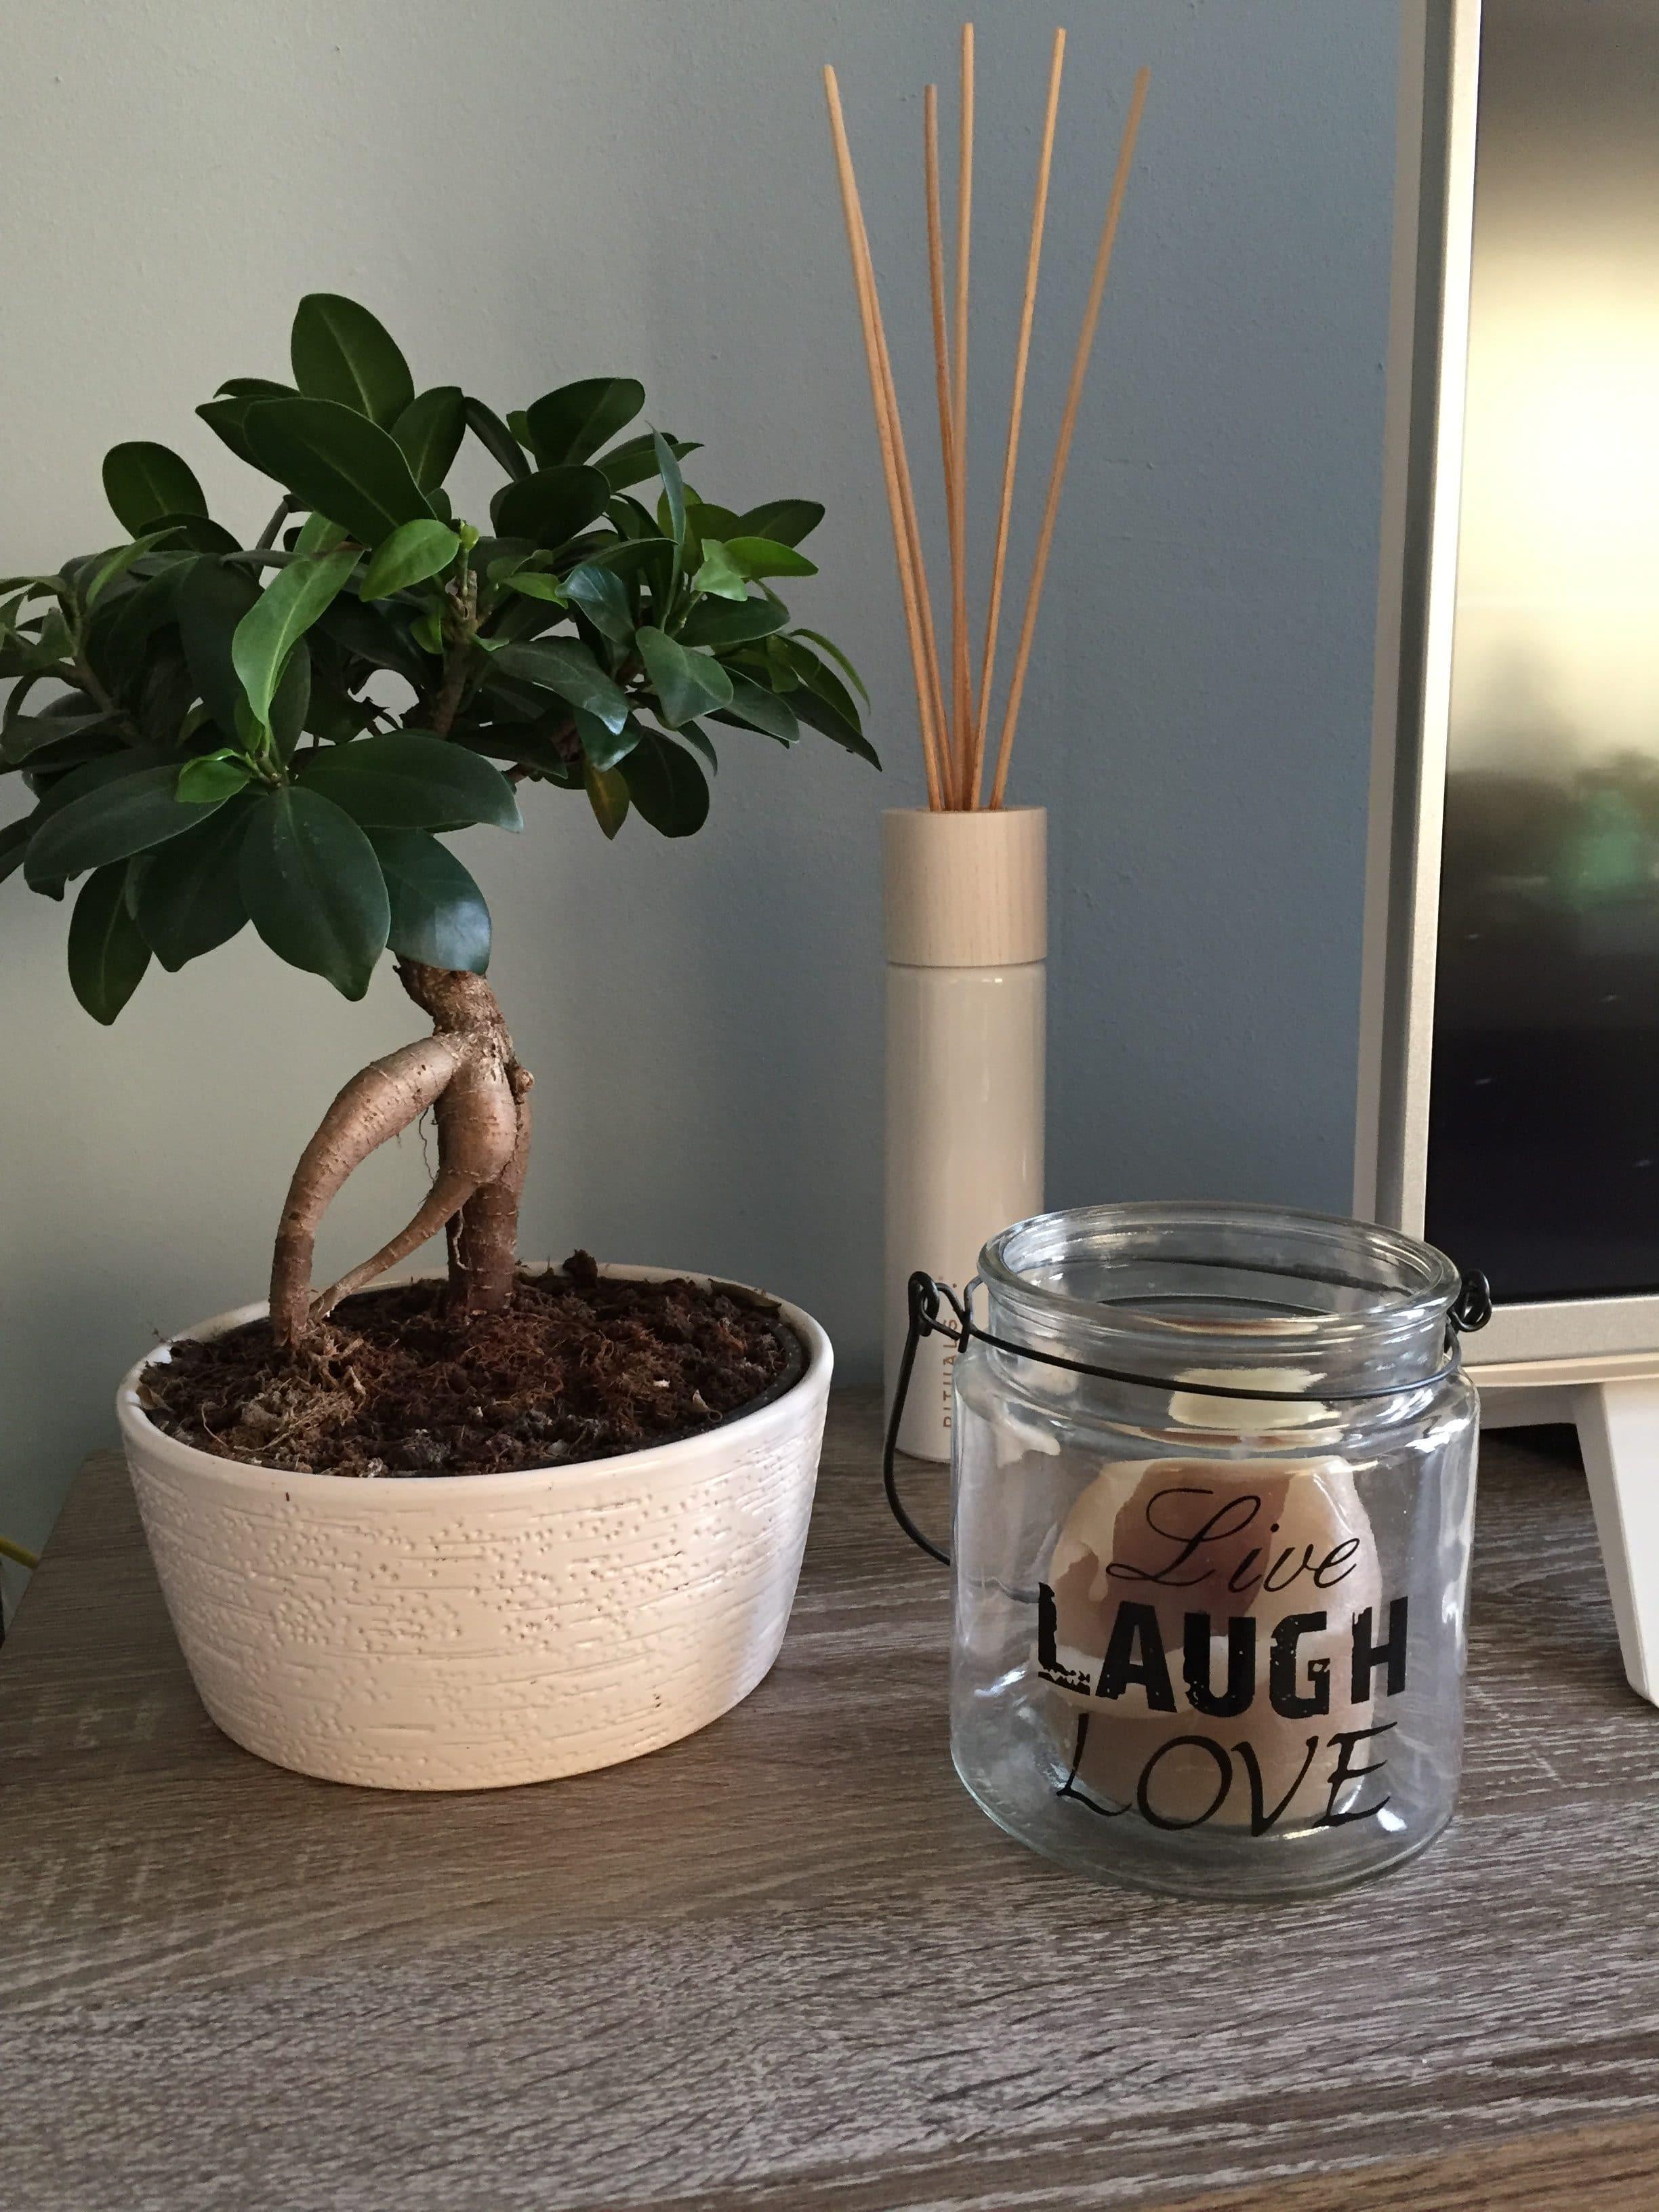 Zo haal je positiviteit in huis fibromyalgie blog - Huis decoratie voorbeeld ...